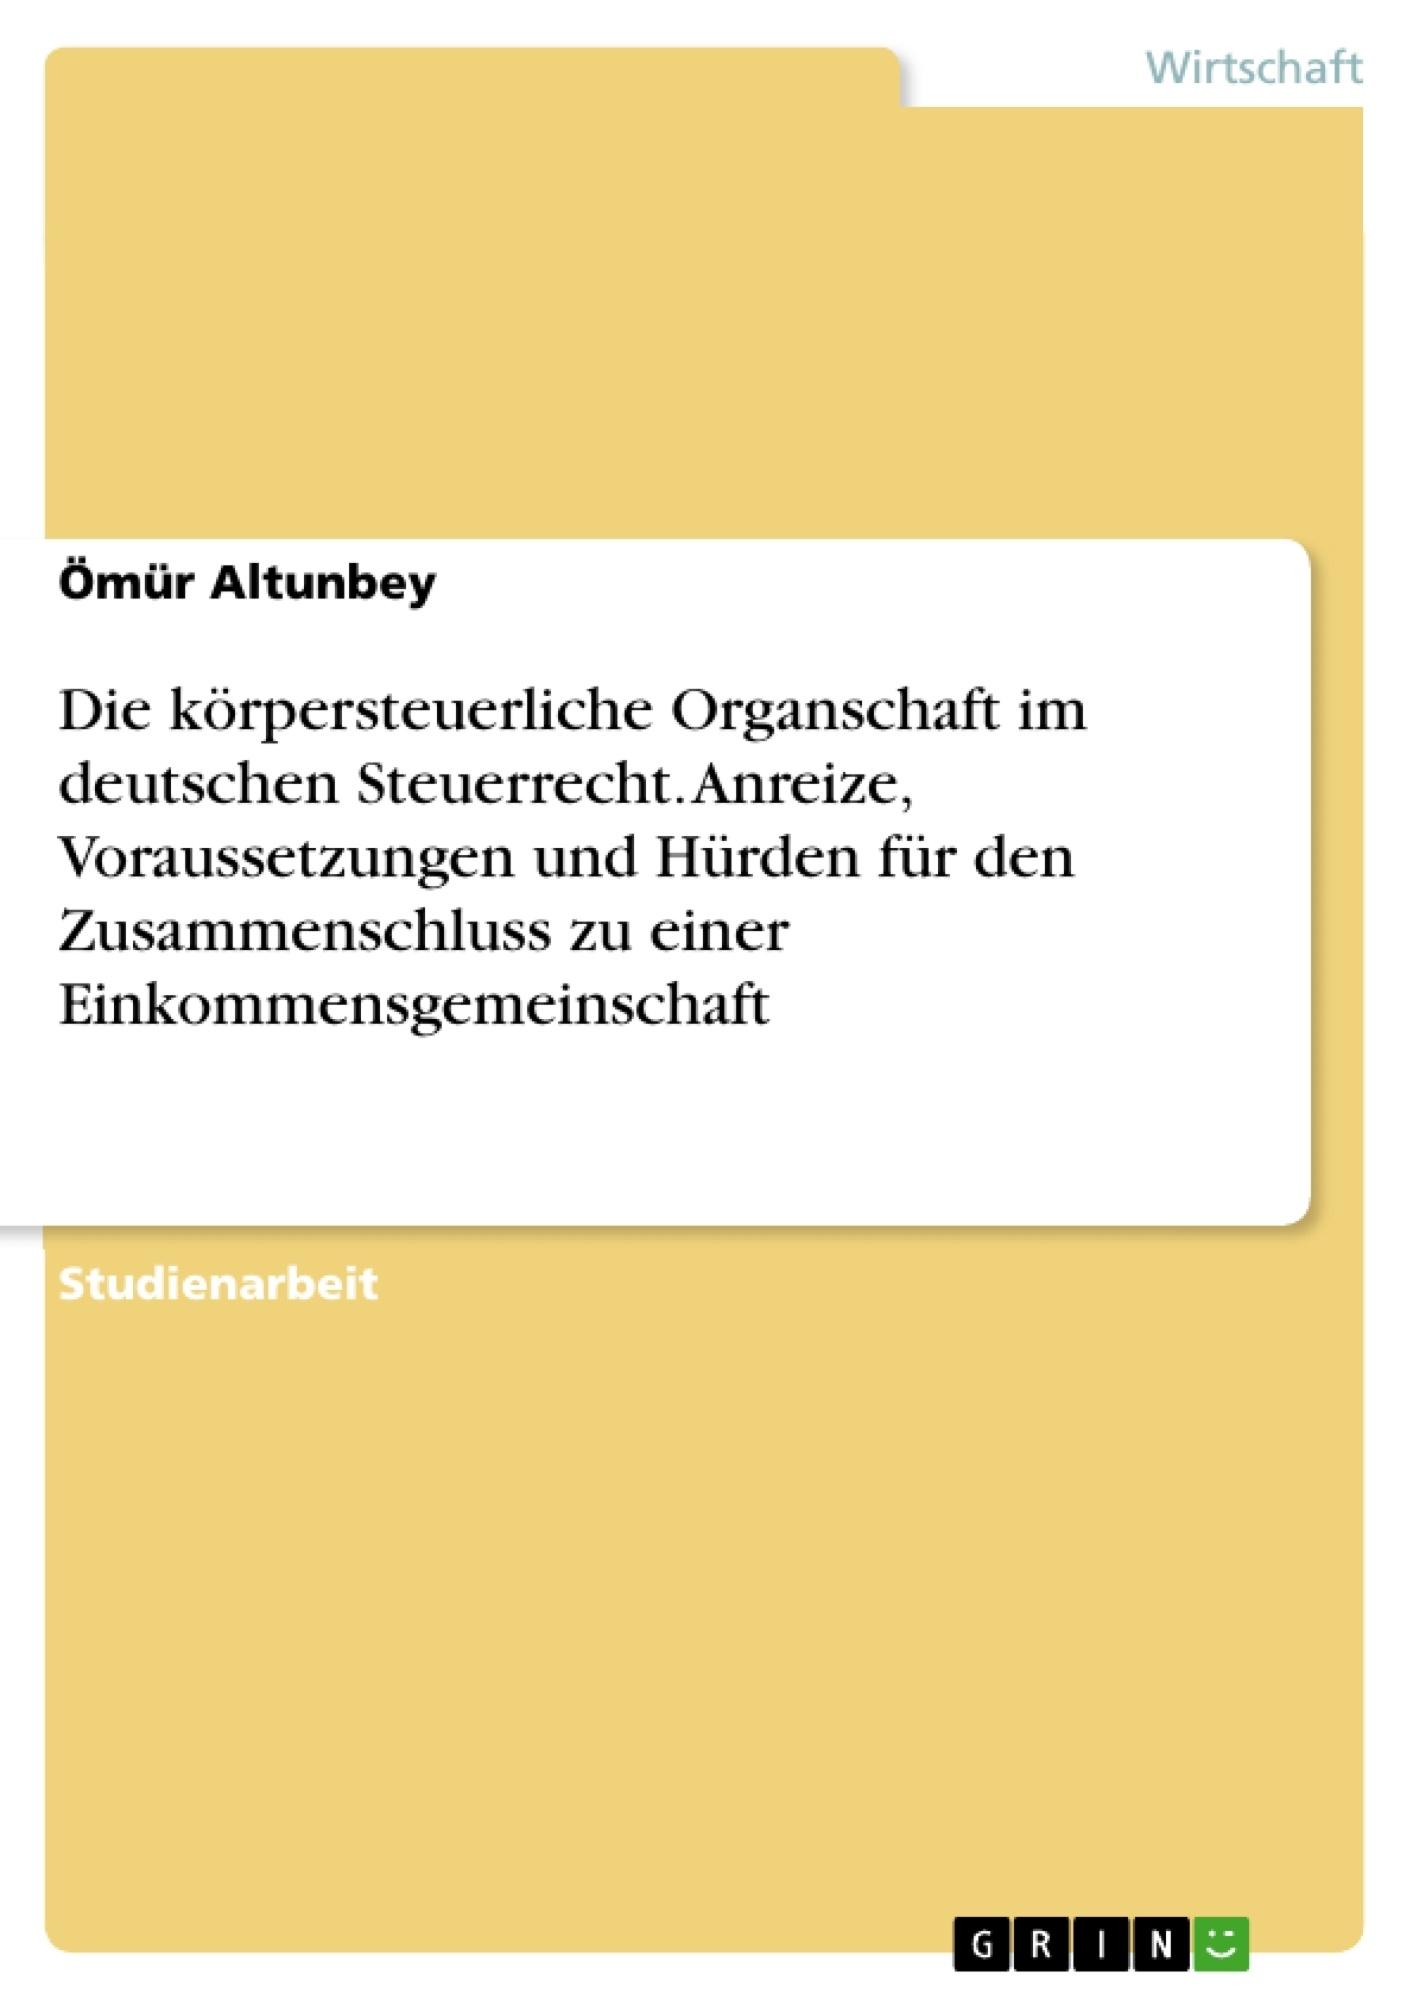 Titel: Die körpersteuerliche Organschaft im deutschen Steuerrecht. Anreize, Voraussetzungen und Hürden für den Zusammenschluss zu einer Einkommensgemeinschaft